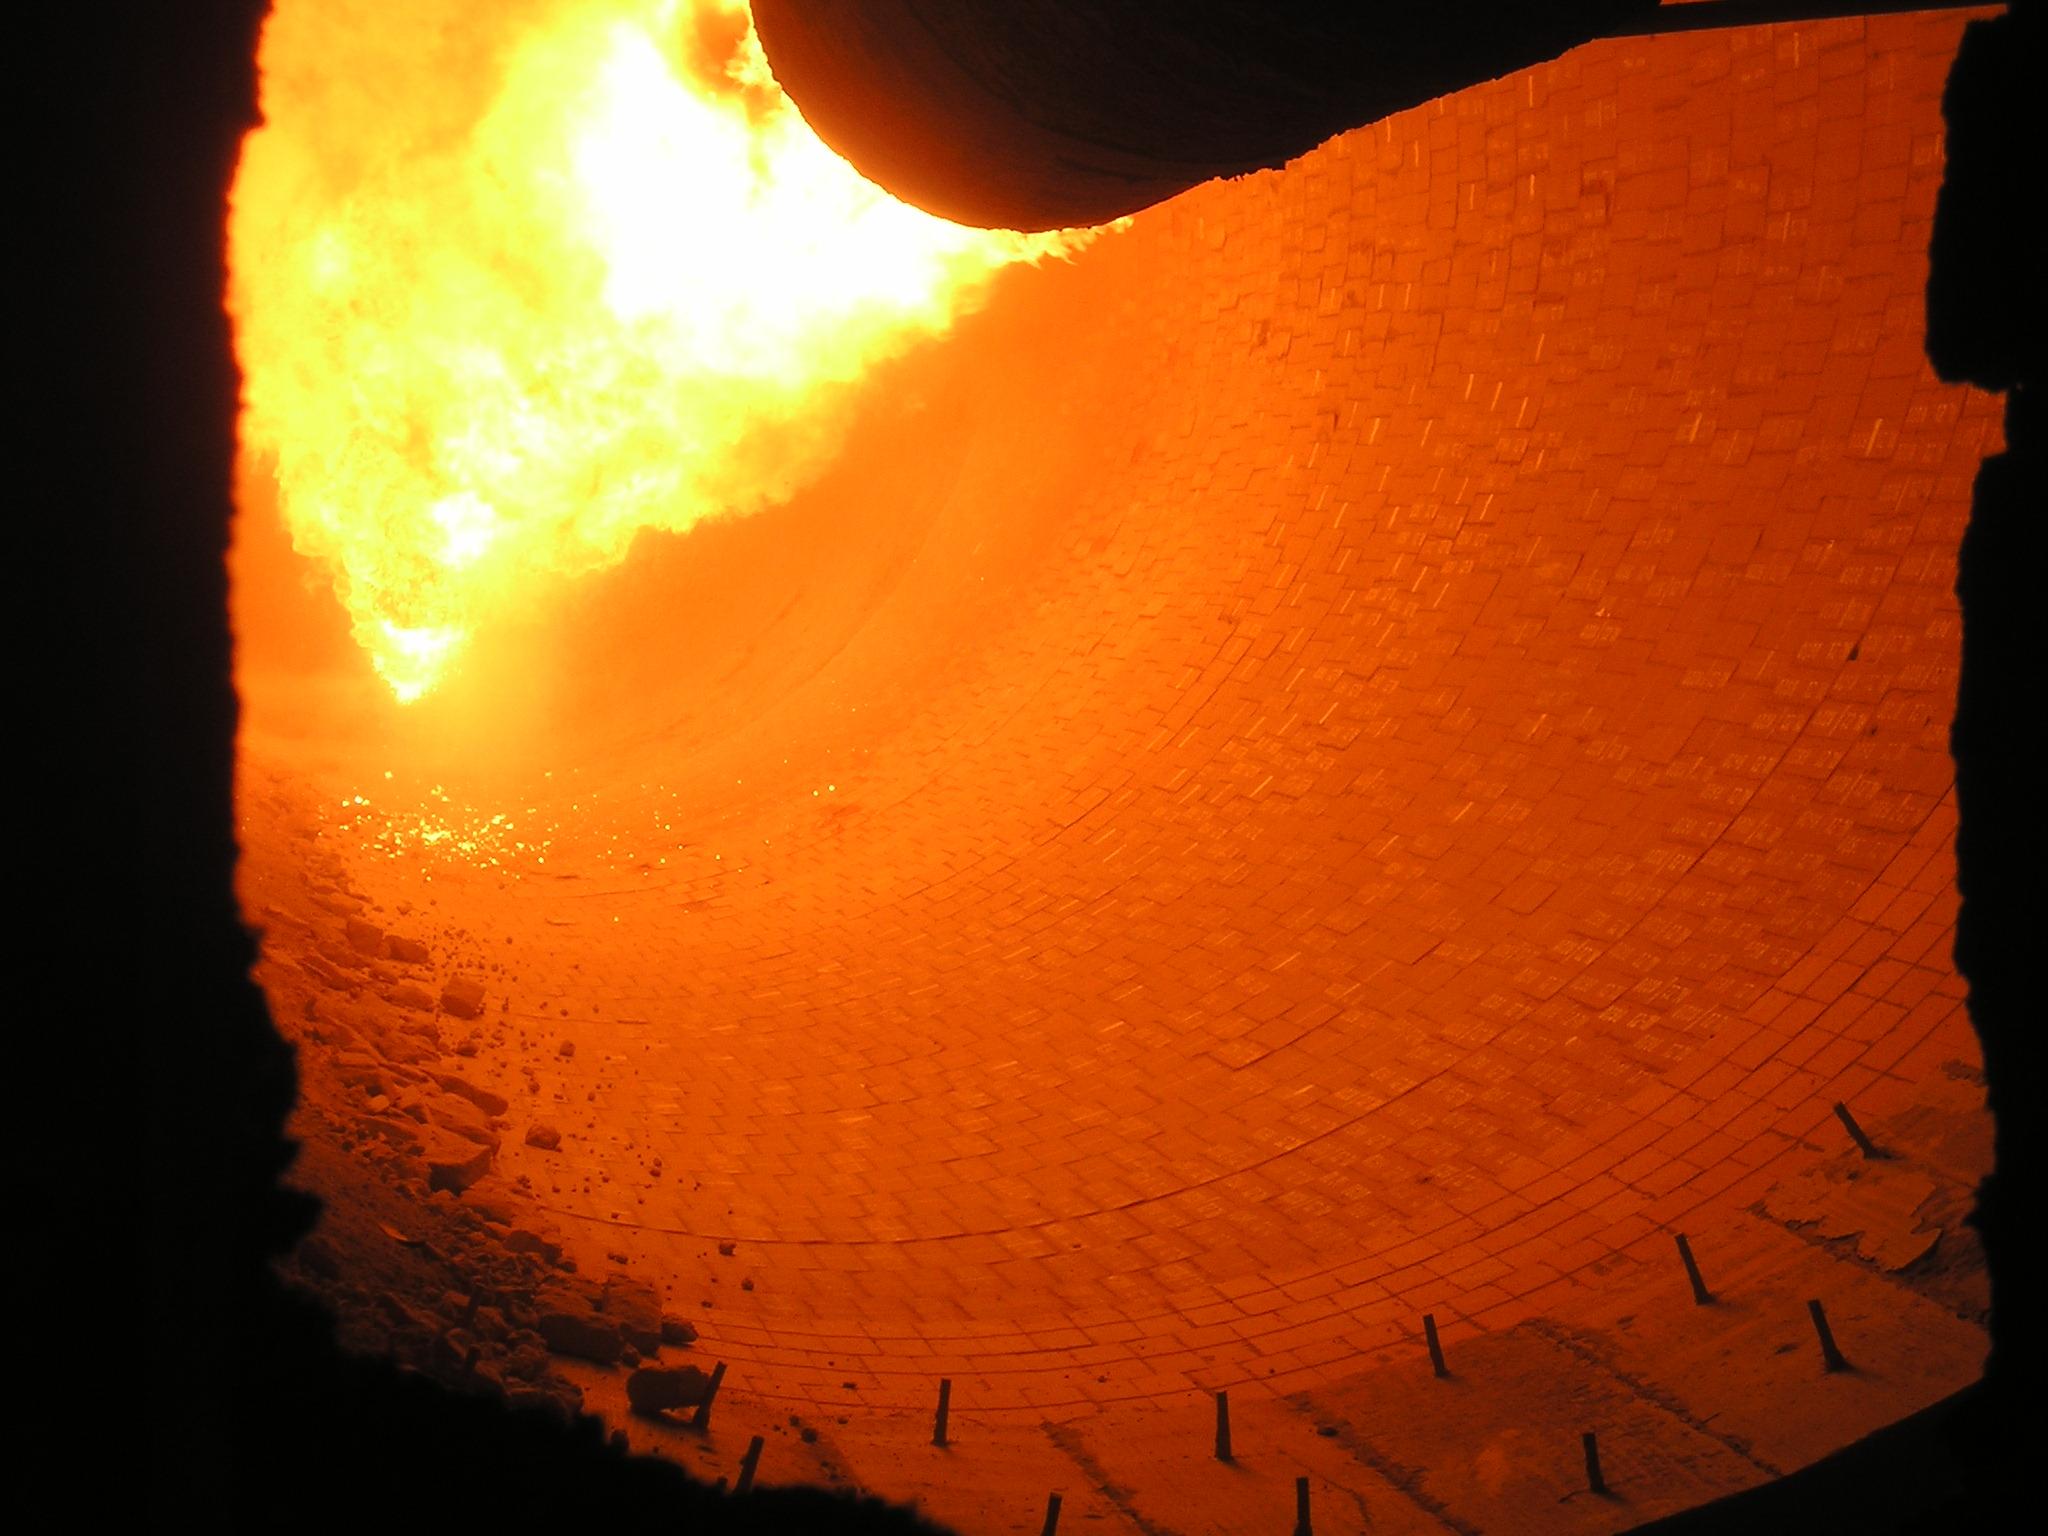 Kiln burner firing